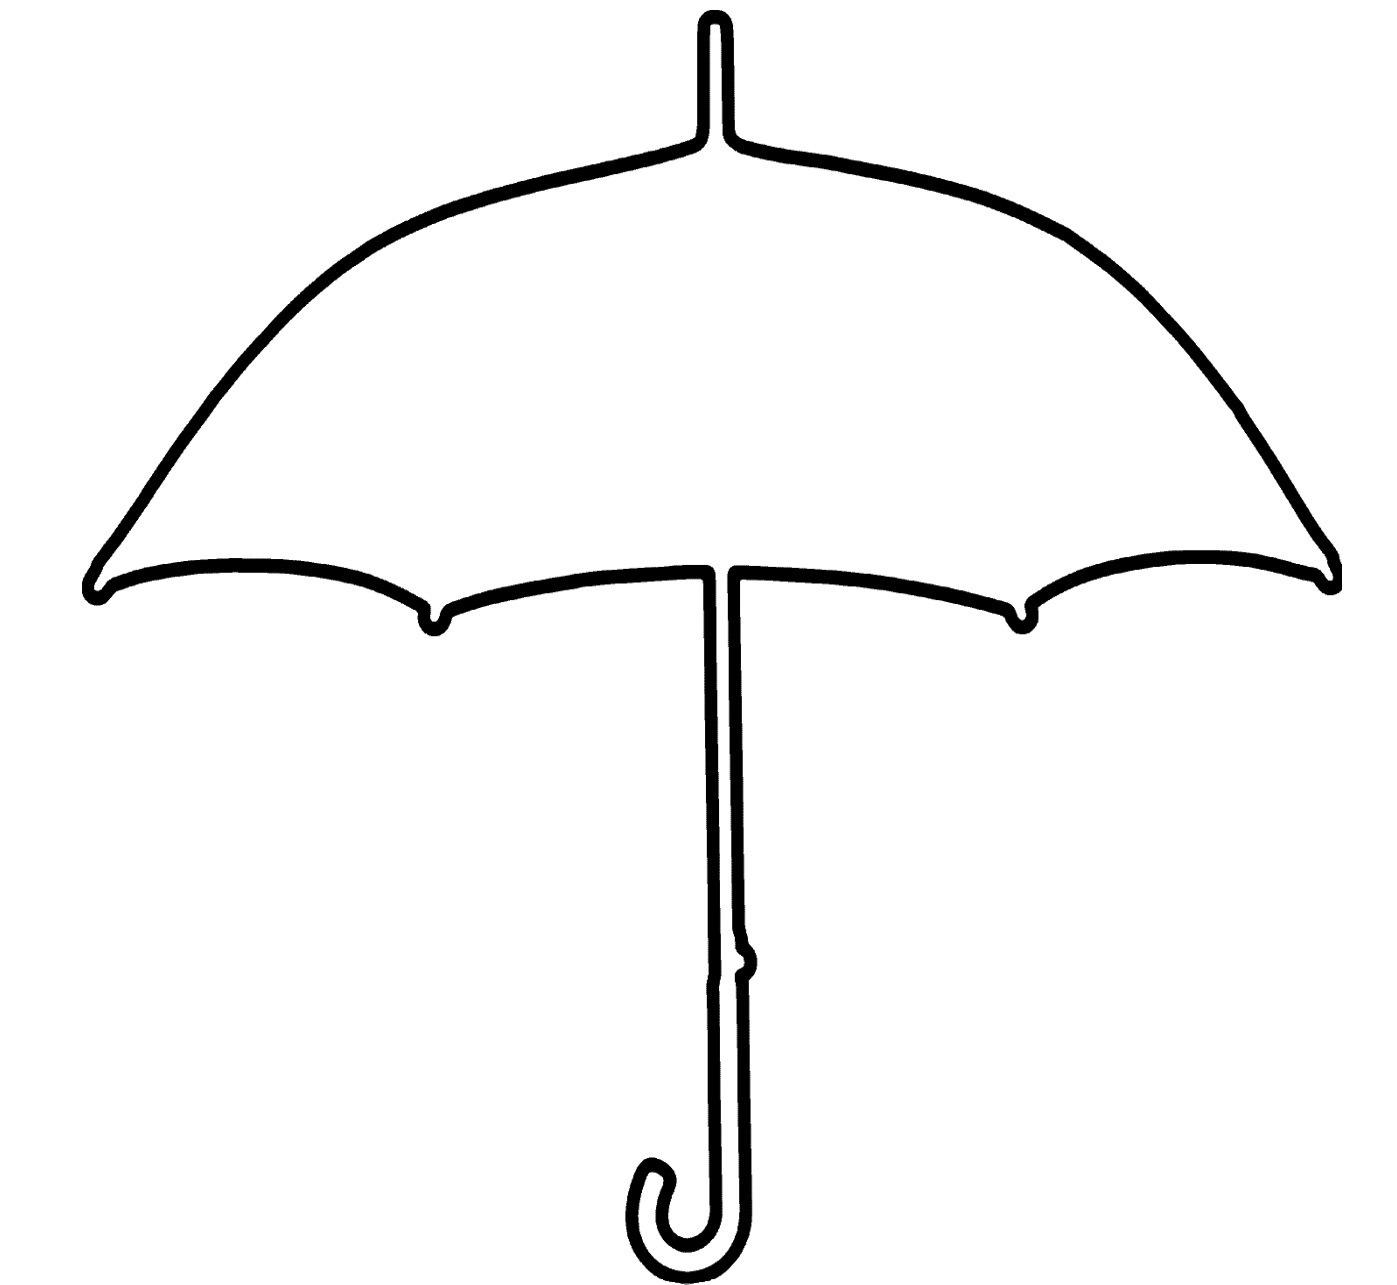 Upside Down Umbrella Clipart.